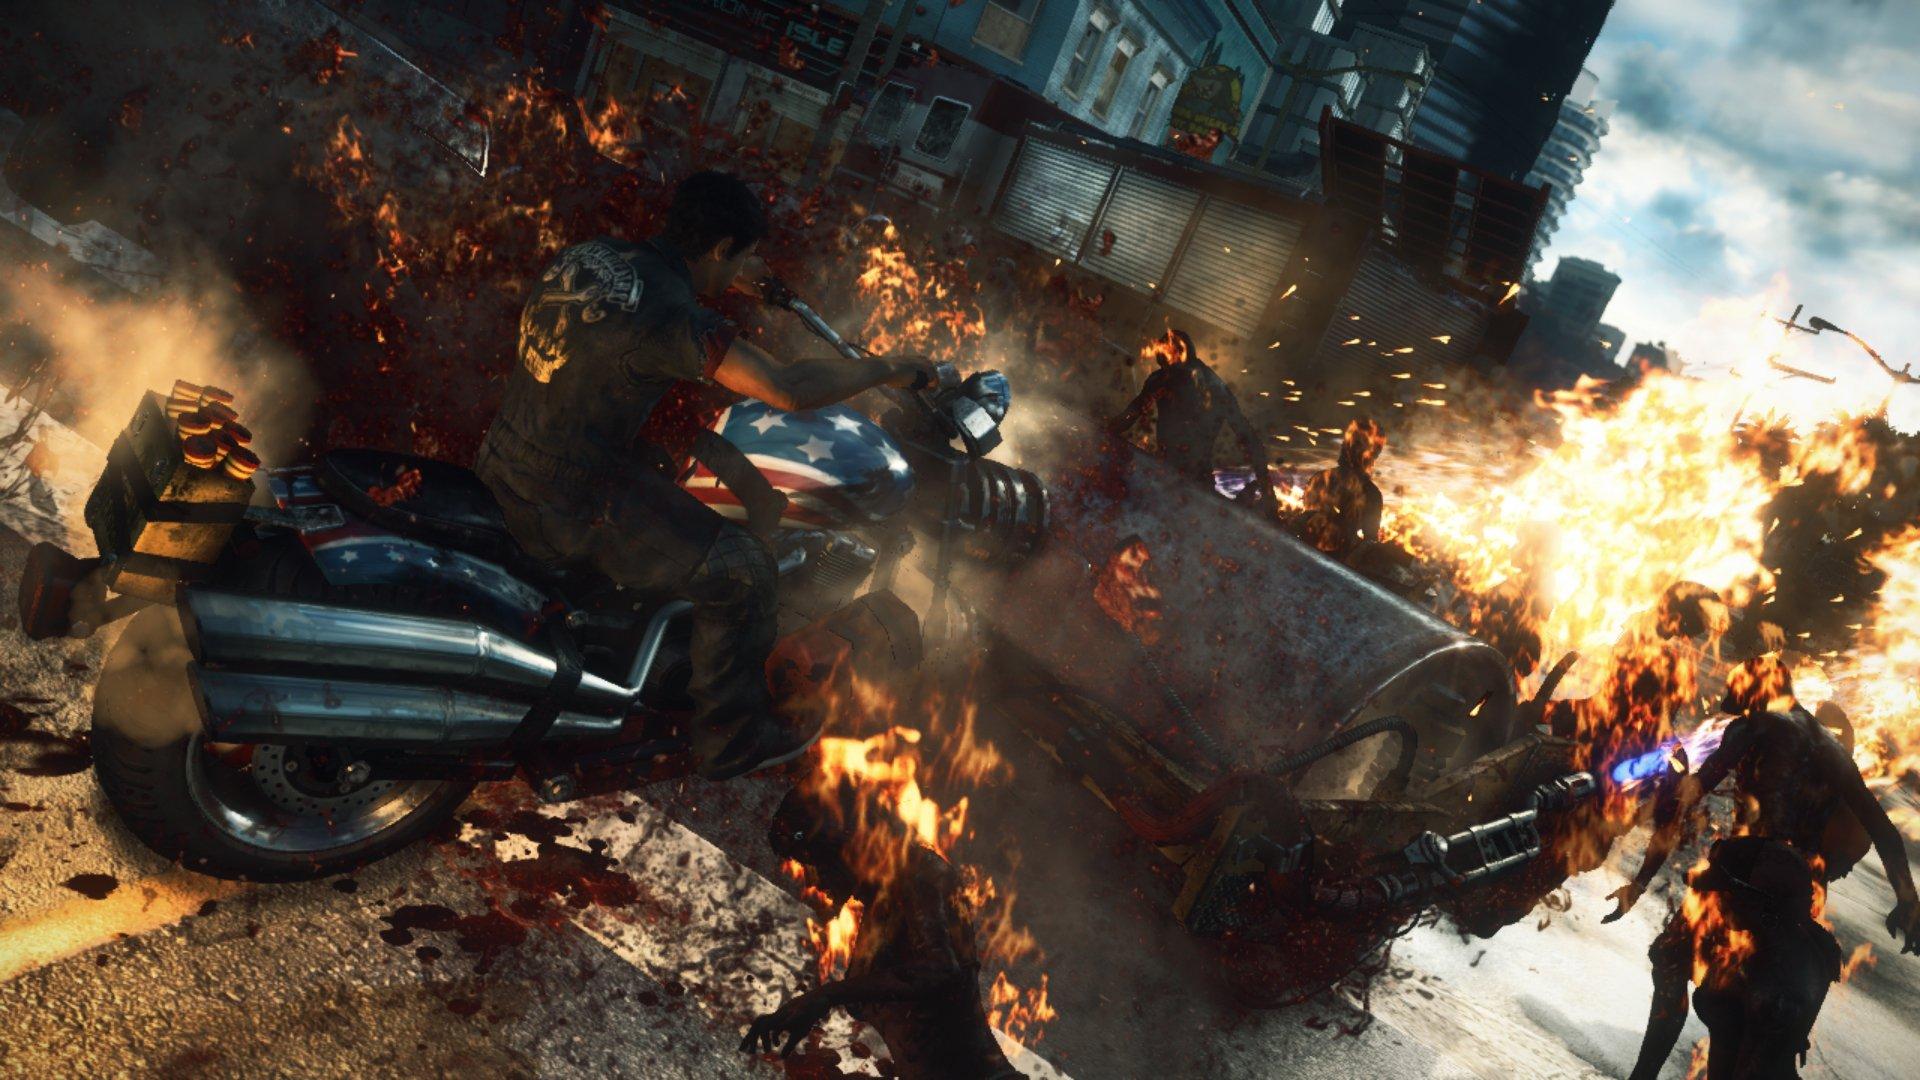 Один из главных эксклюзивов этого года для Xbox One, Dead Rising 3, не выйдет в Германии. Об этом сообщила корпора ... - Изображение 1